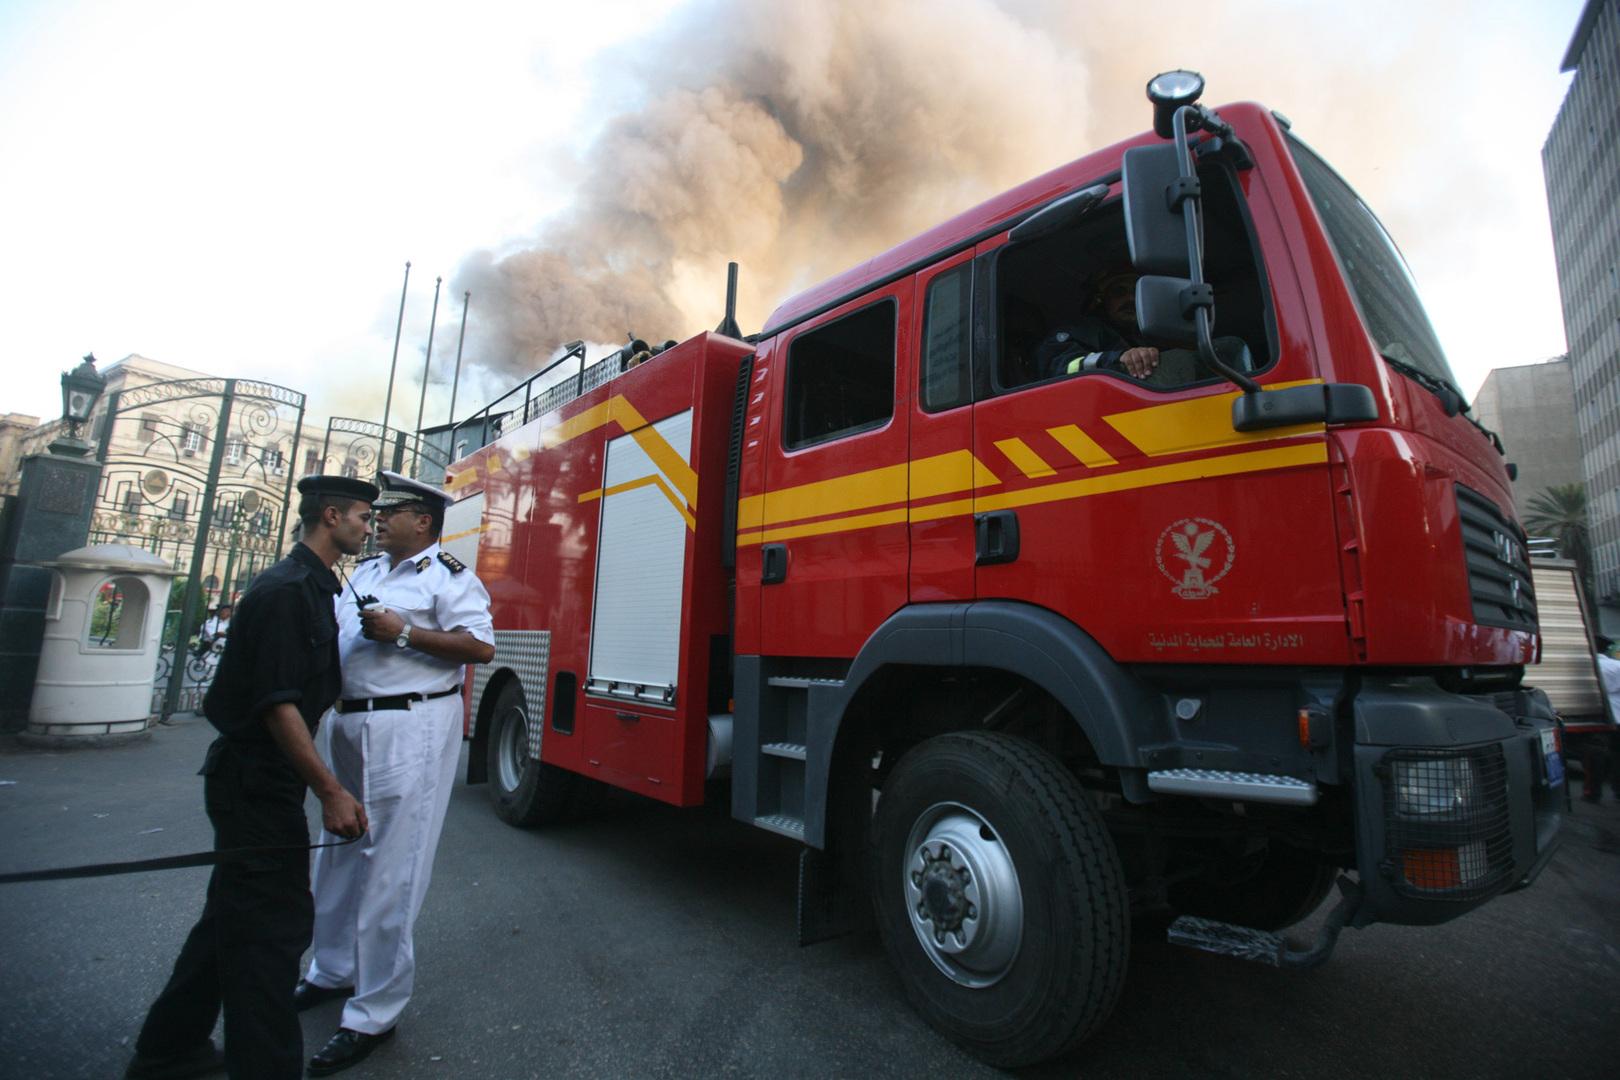 مصر.. حريق هائل في 4 مصانع كاد أن يتسبب في كارثة كبيرة (صور)